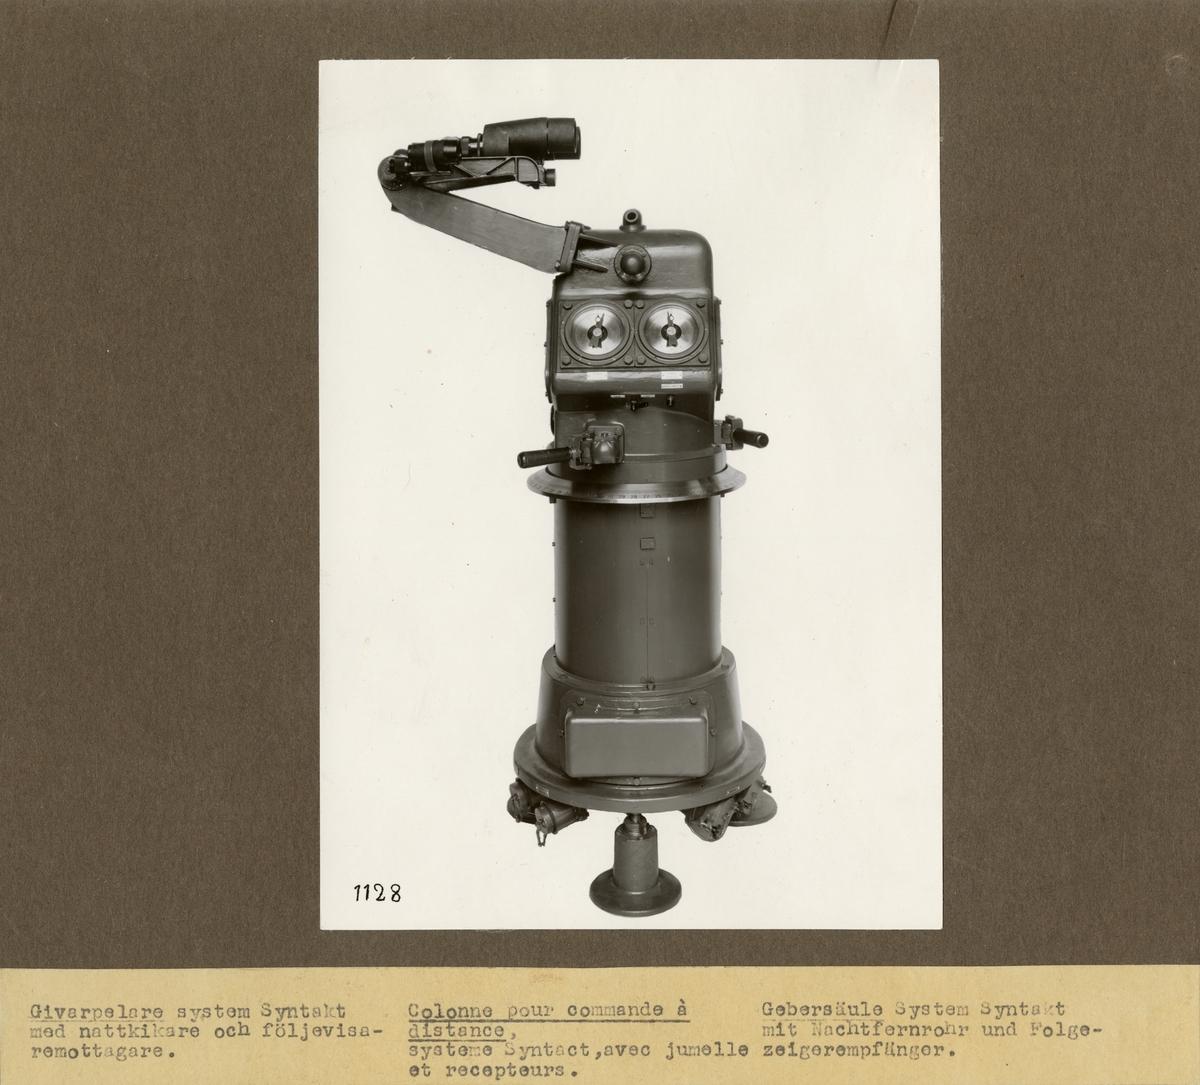 Givarpelare, system Syntakt, med nattkikare och följevisaremottagare. Tillverkad av Svenska Instrument Aktiebolaget (SIA).